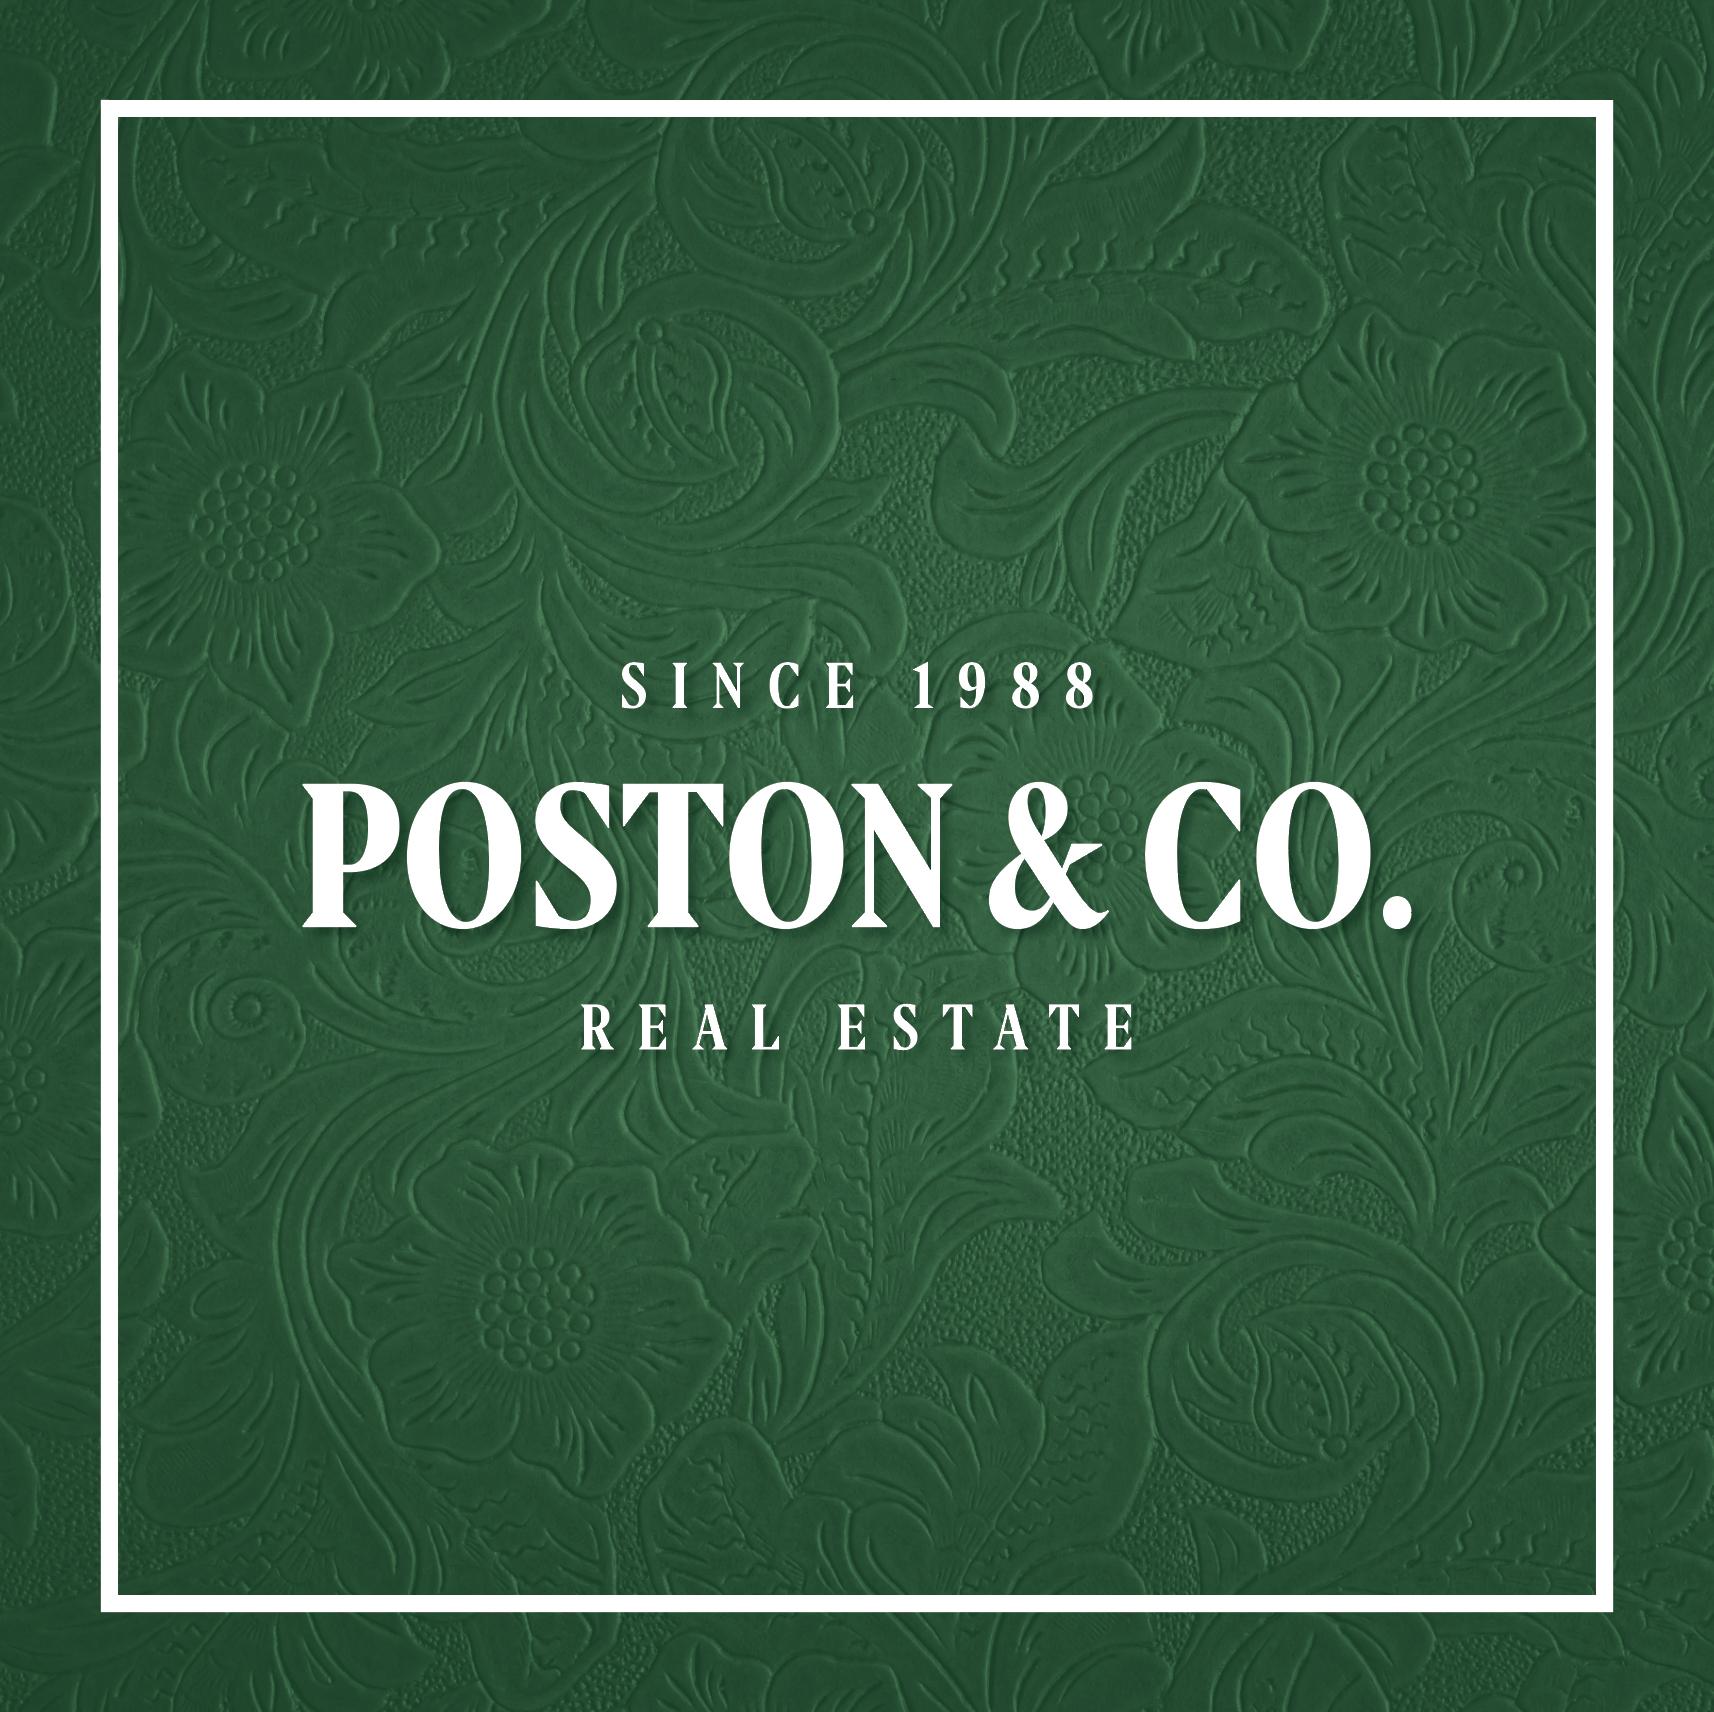 Poston & Co. Real Estate